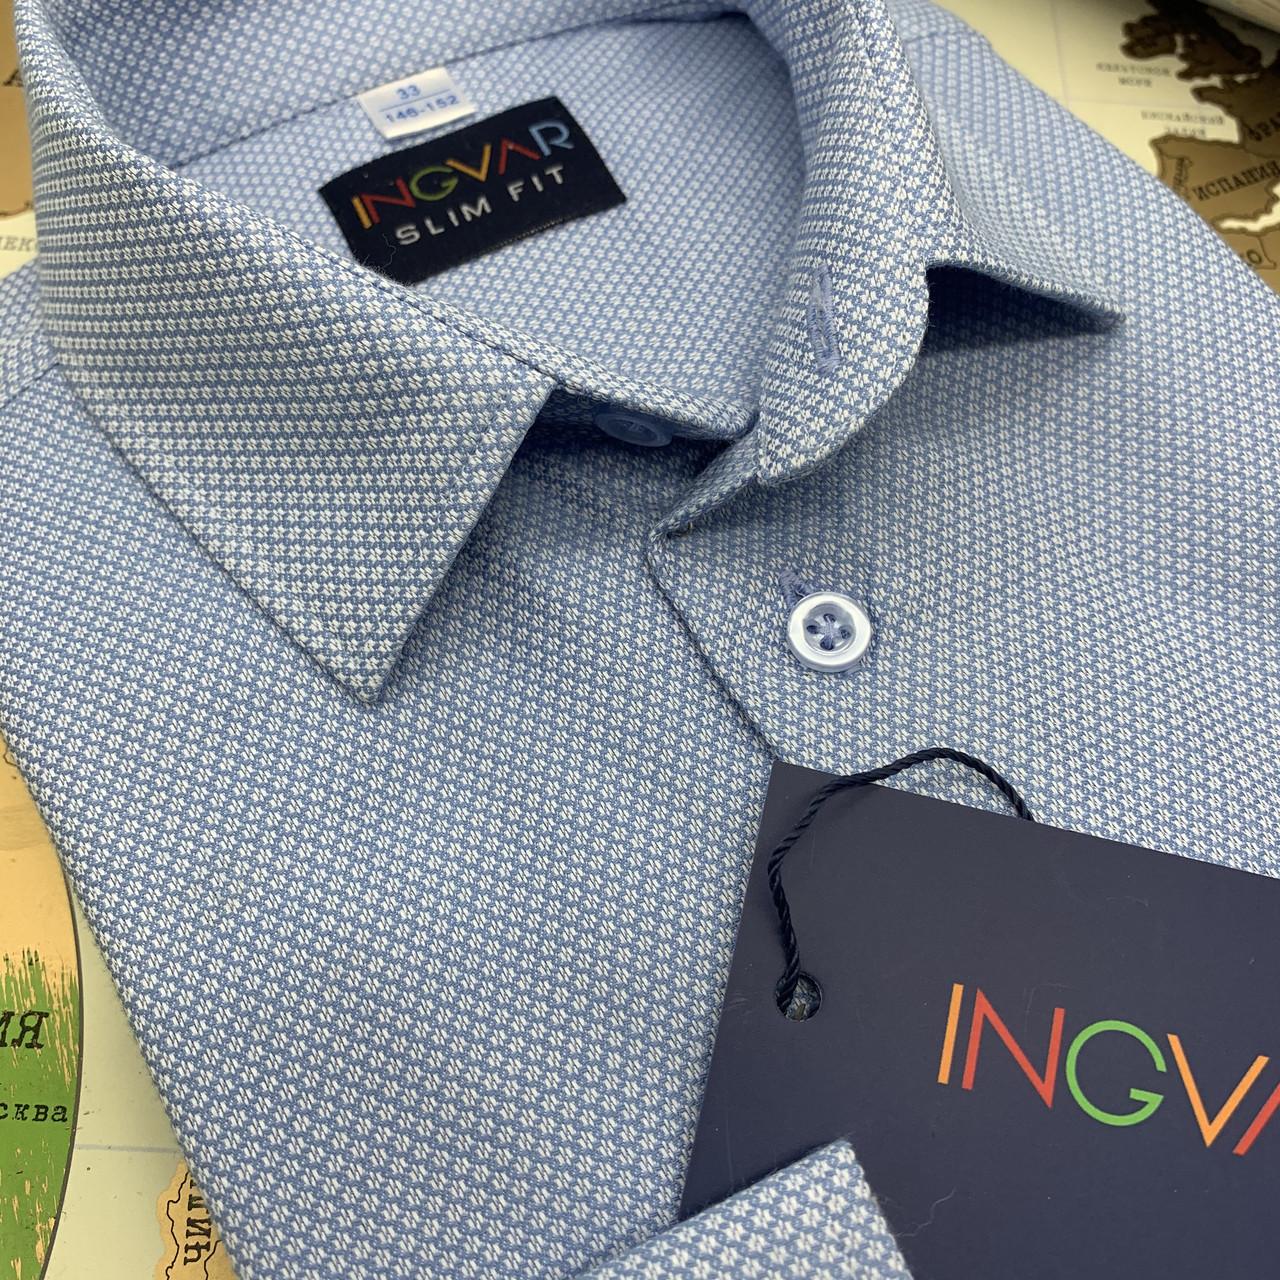 Рубашка детская голубая структурная 2429. INGVAR